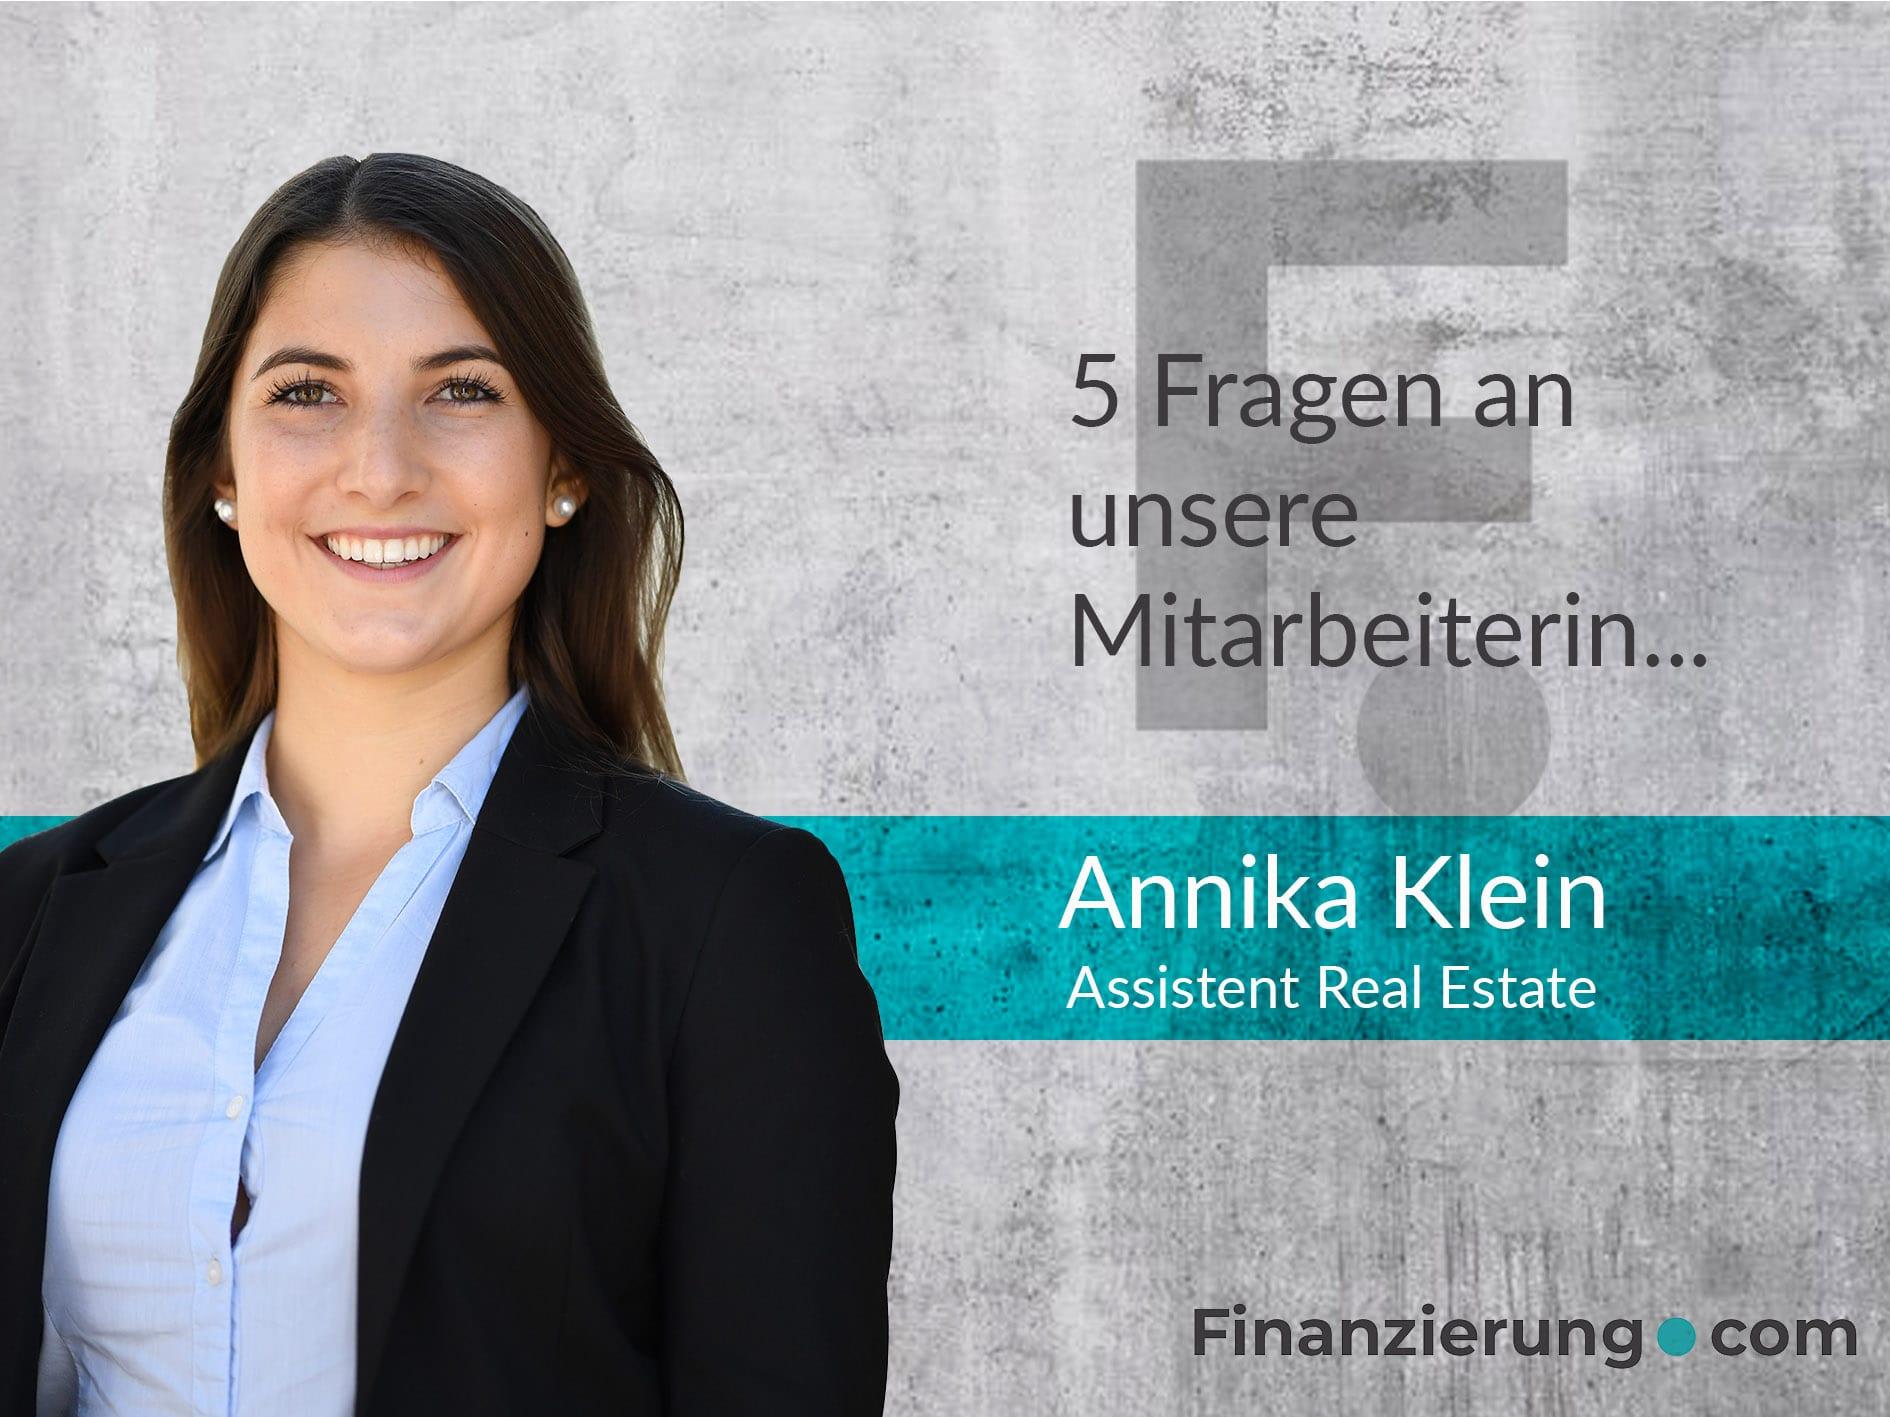 Annika Klein Interview